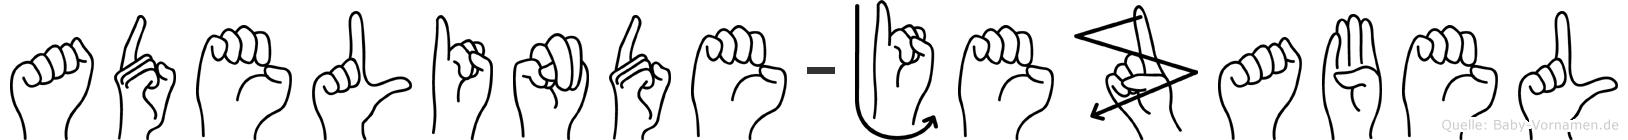 Adelinde-Jezabel im Fingeralphabet der Deutschen Gebärdensprache